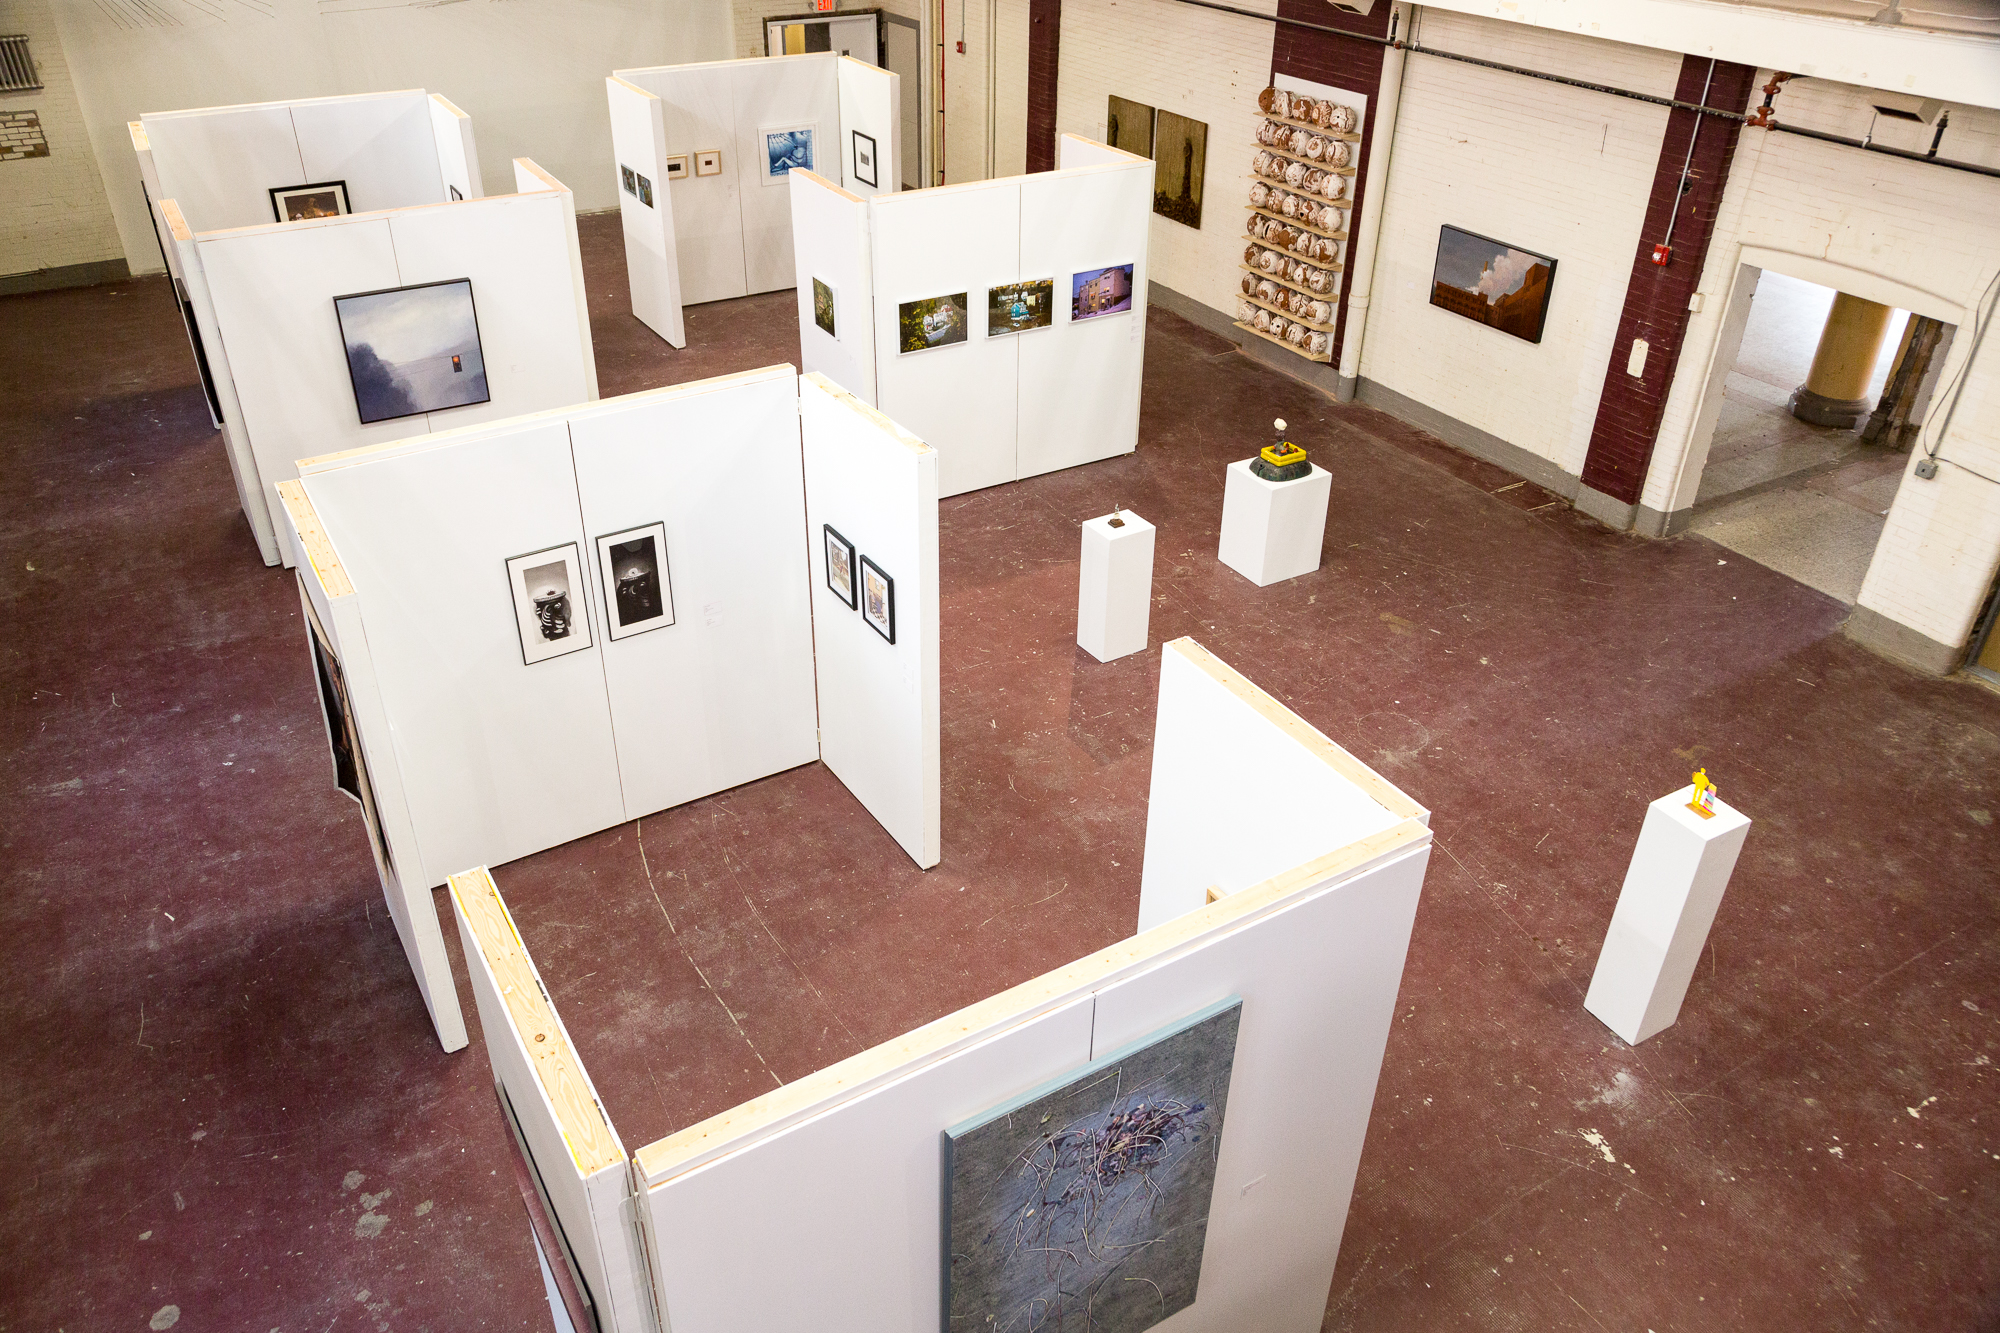 AAP butler gallery-164.jpg